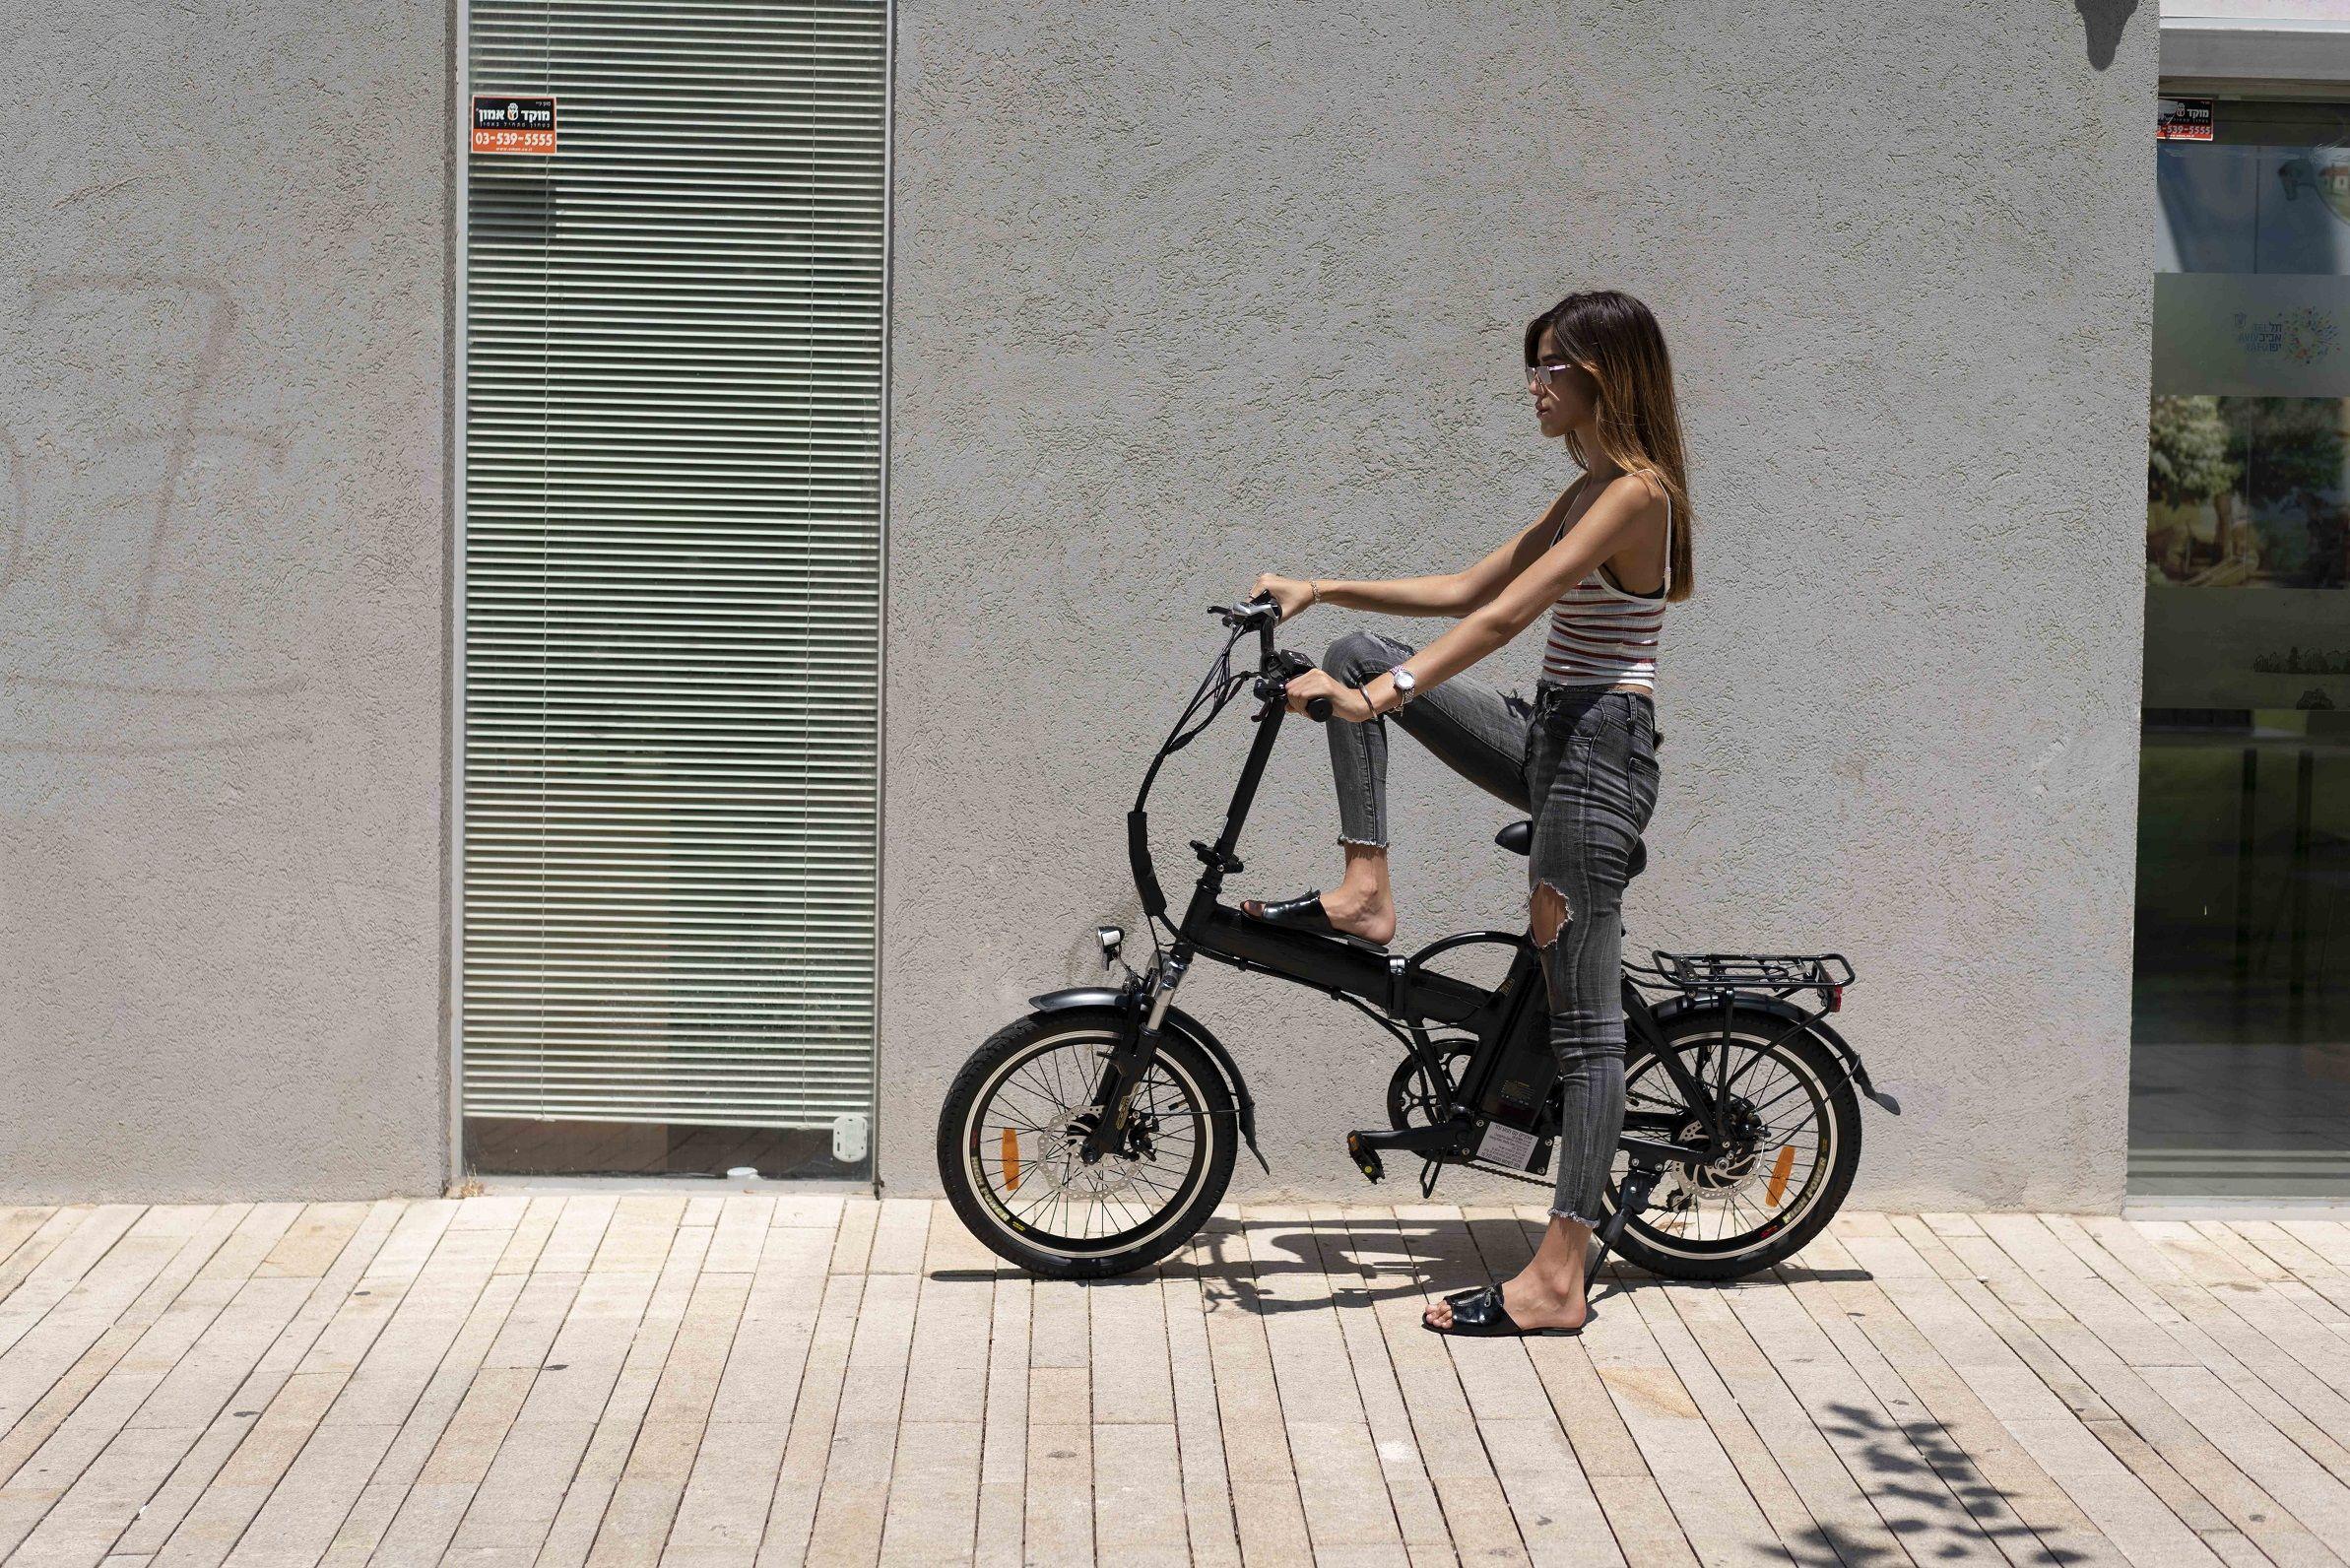 אופניים חשמליים במקום רכב - למה לעמוד בפקקים?